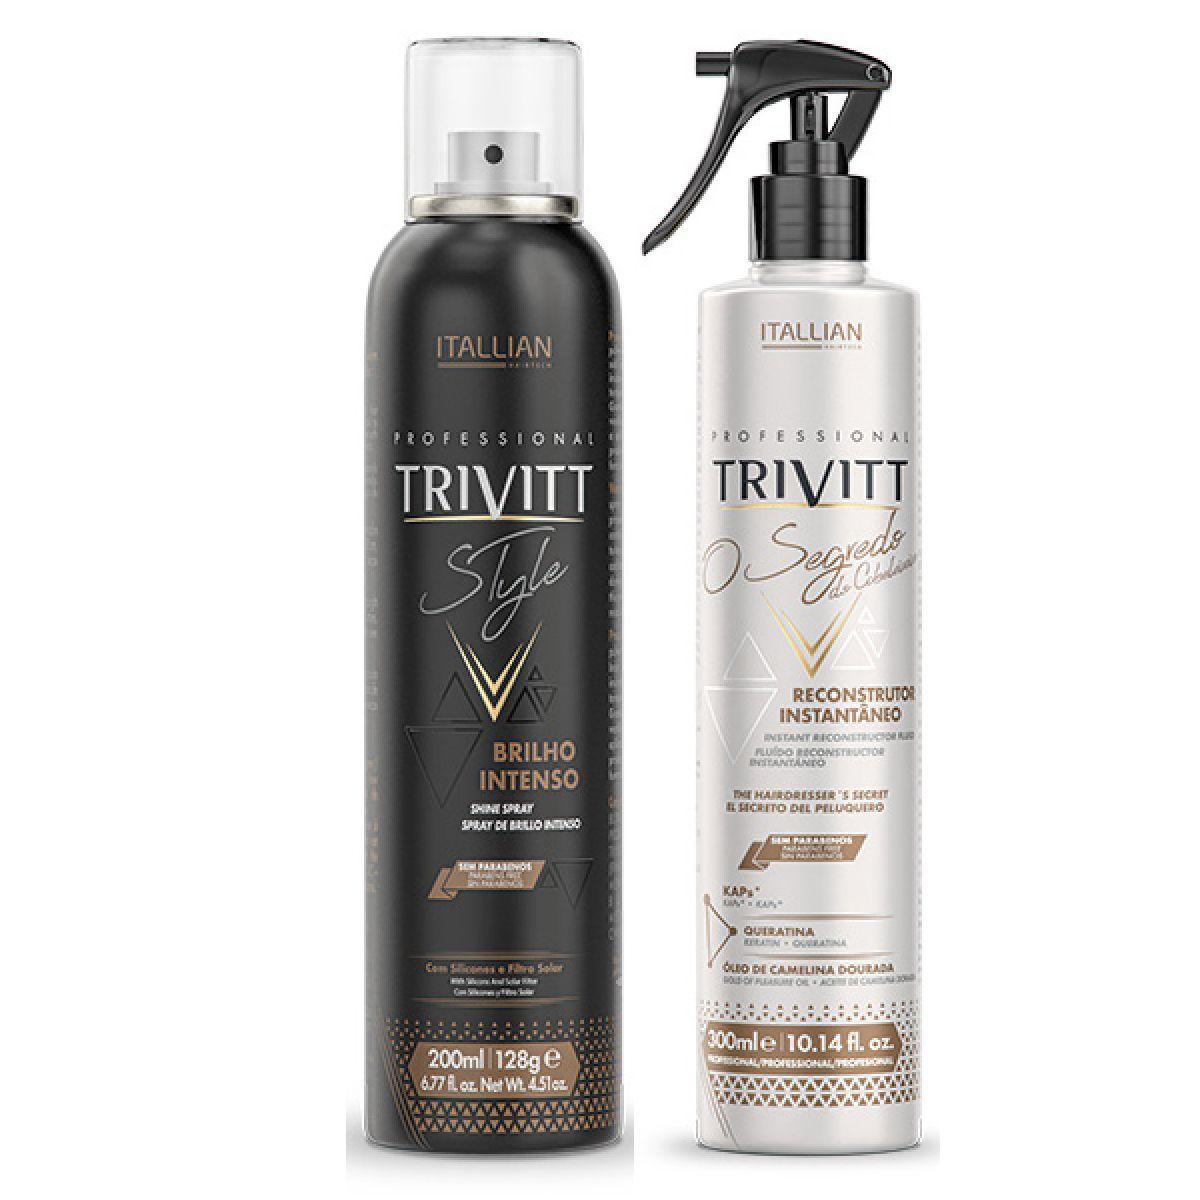 kit Spray De Brilho Intenso E Segredo Do Cabeleireiro Trivitt